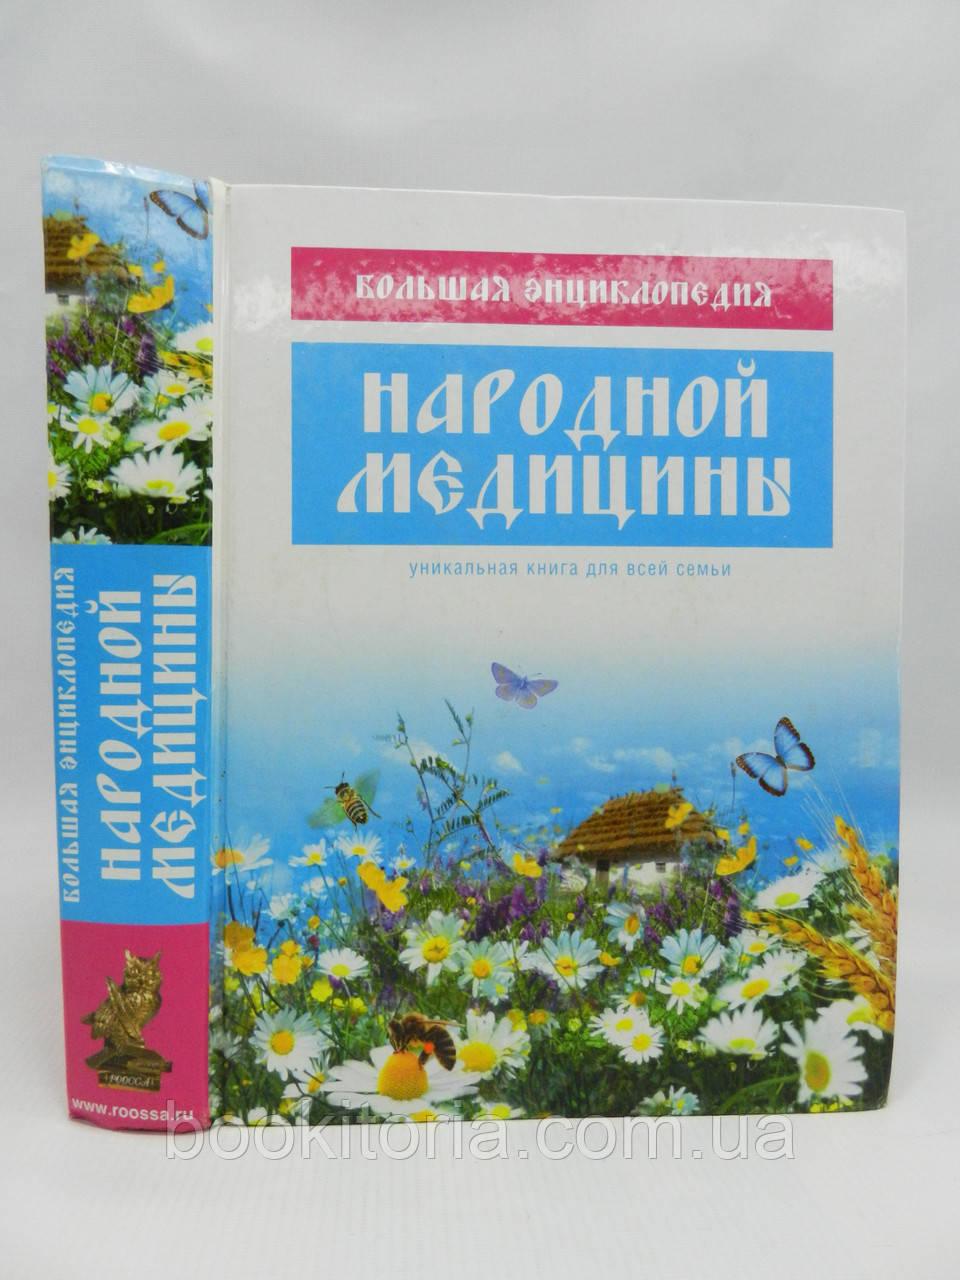 Большая энциклопедия народной медицины (б/у).